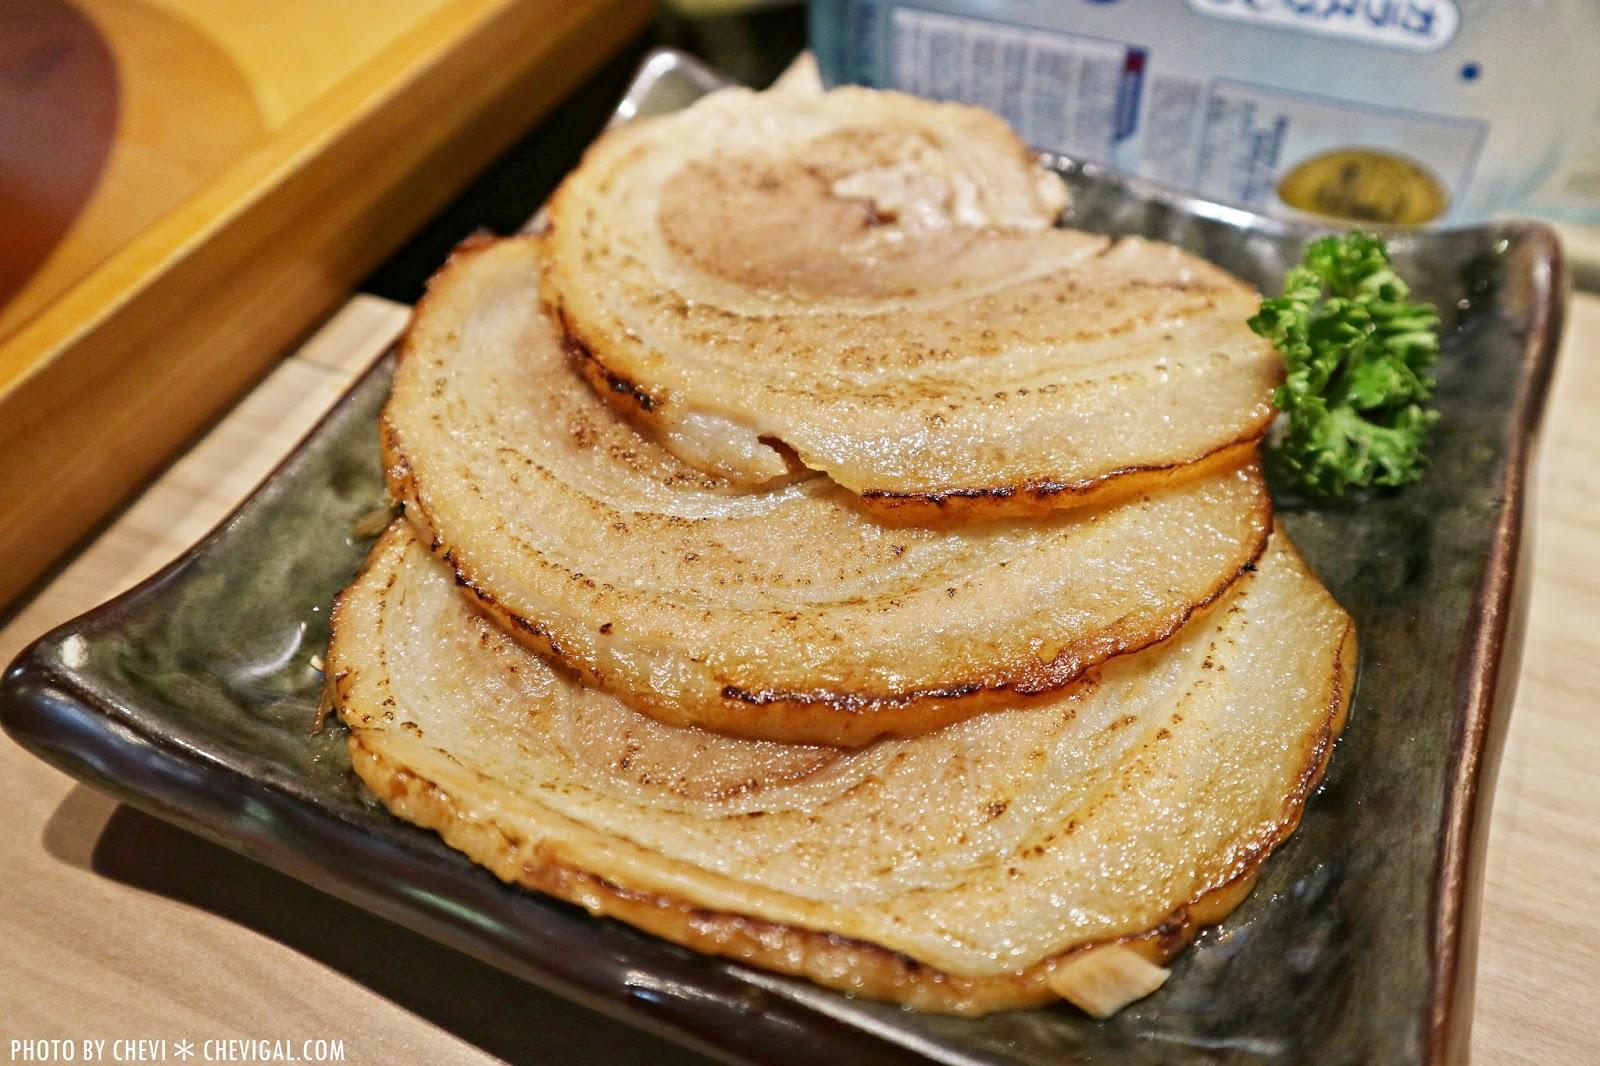 IMG 9765 - 熱血採訪│富士山55沾麵*富士山55周年感謝祭。澎派菜單全新登場。還有免費 Cold Stone冰淇淋請你吃